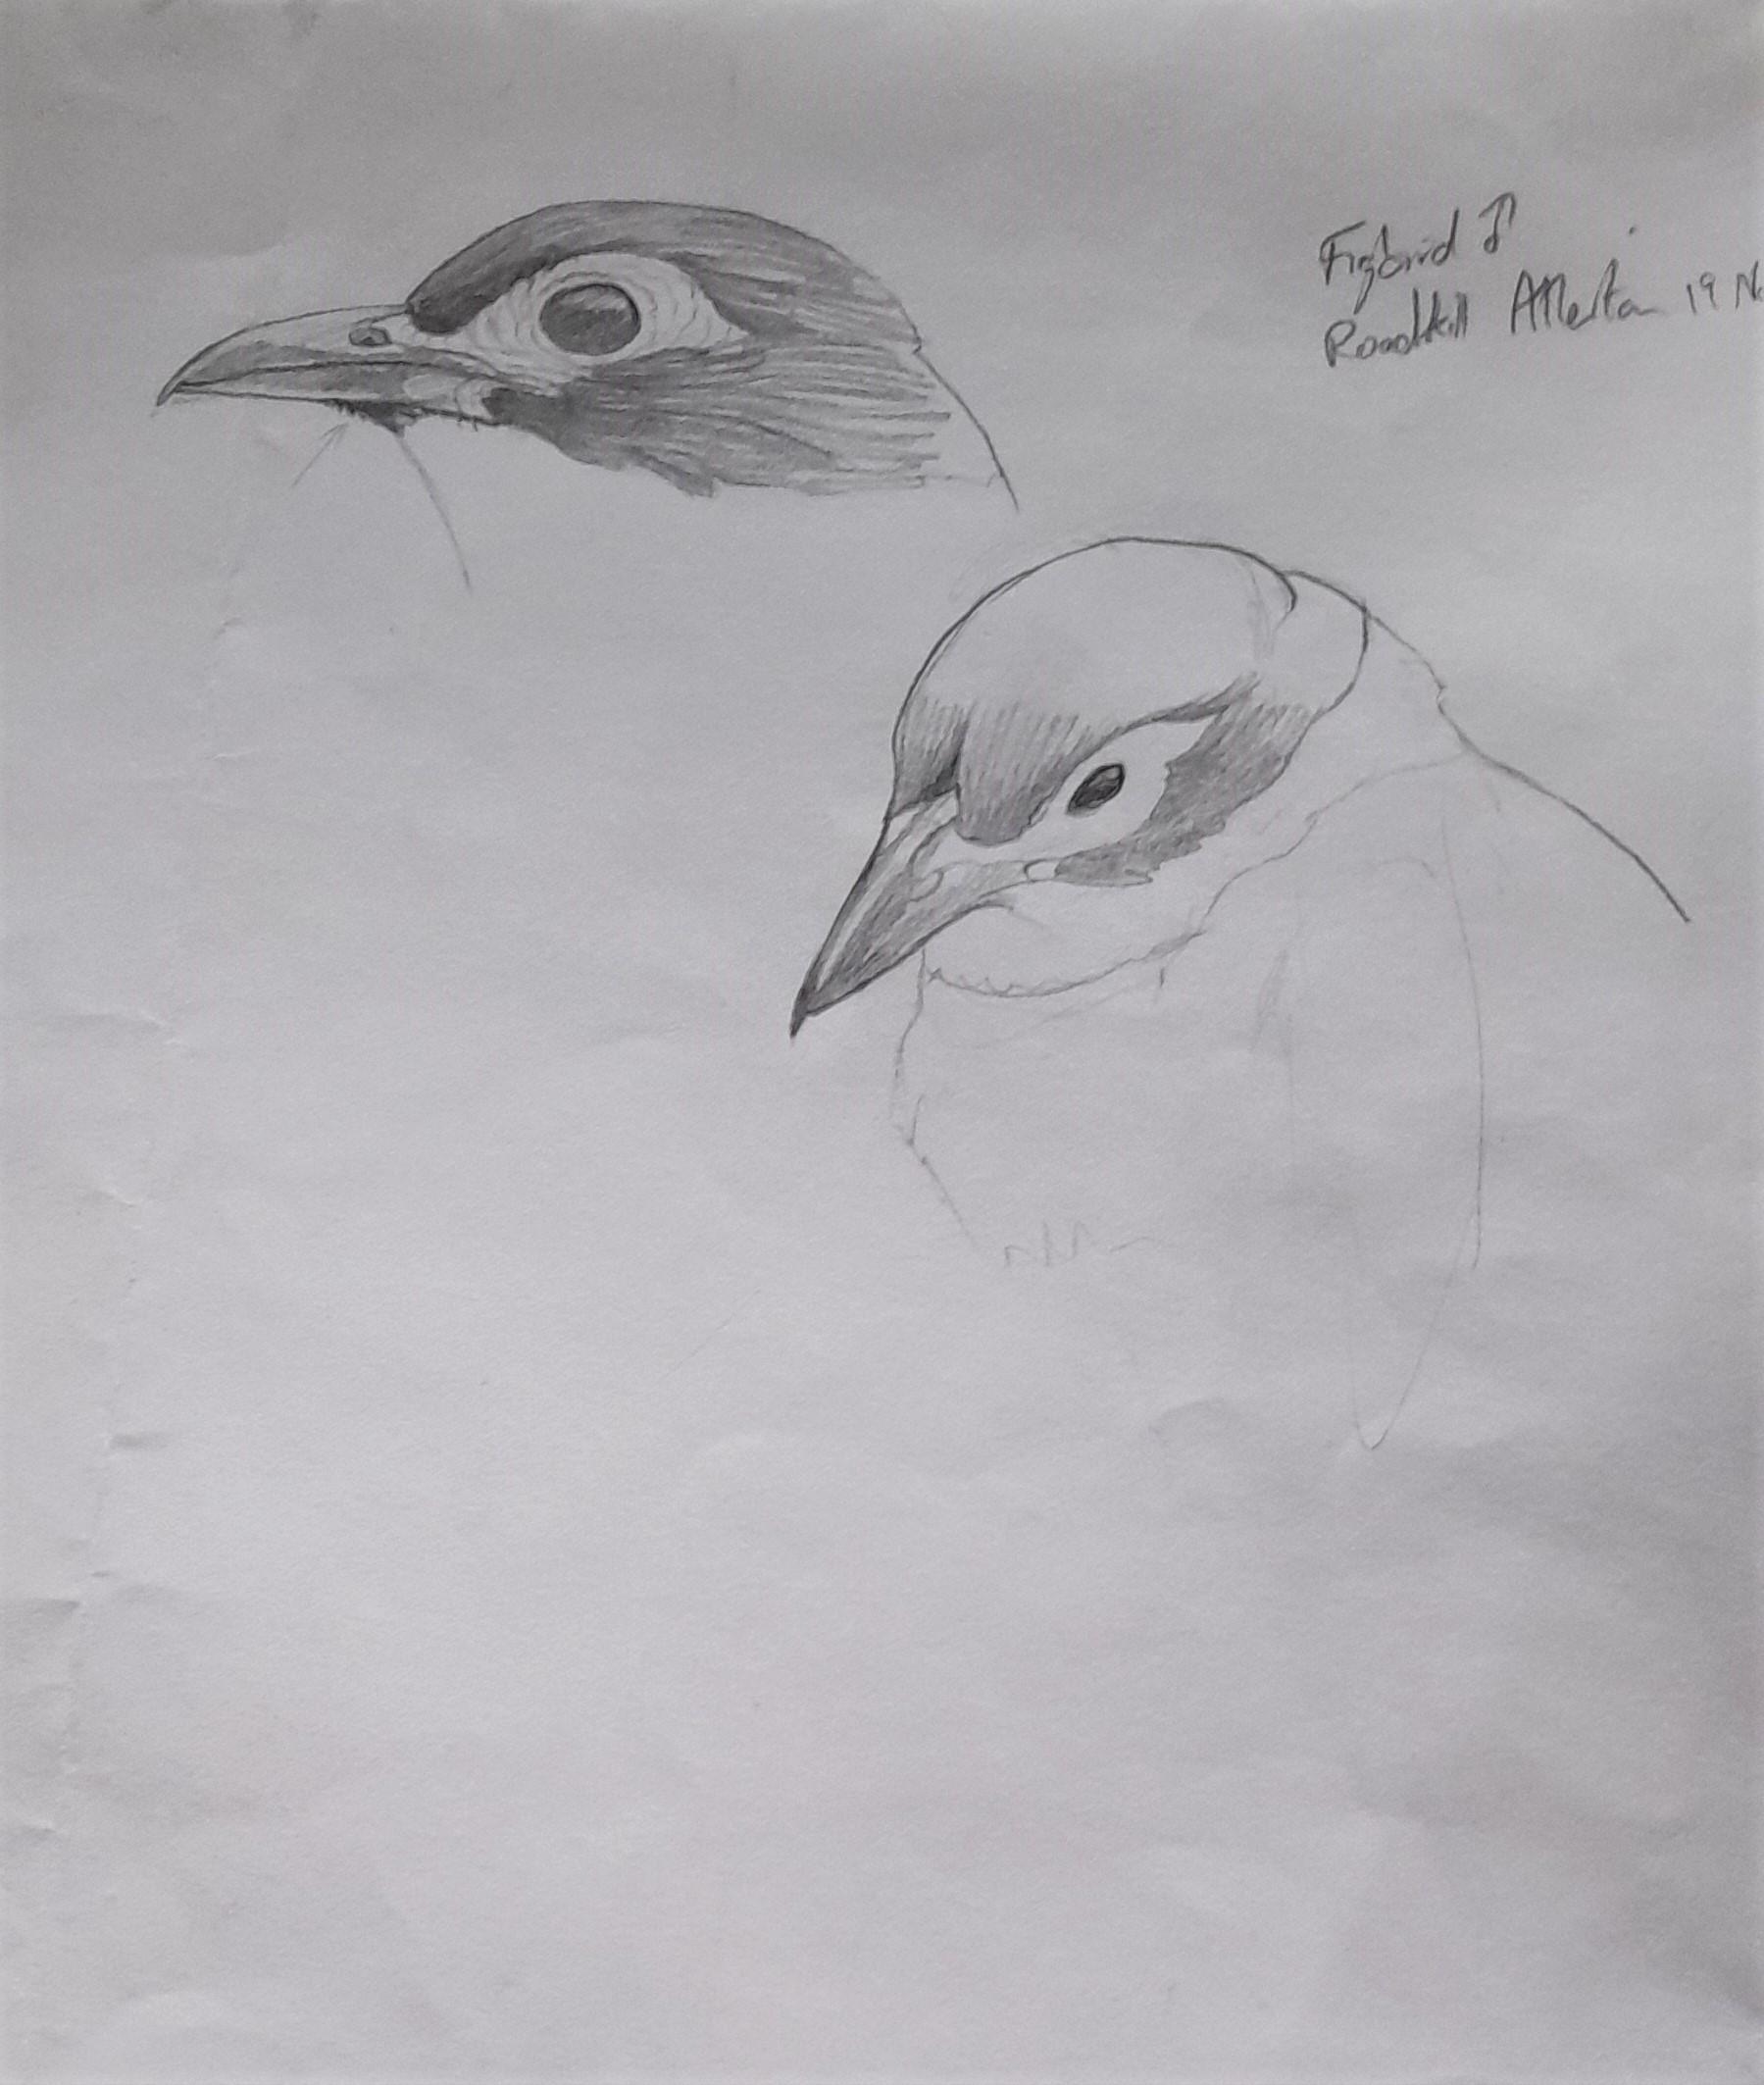 1_Figbird-head-study